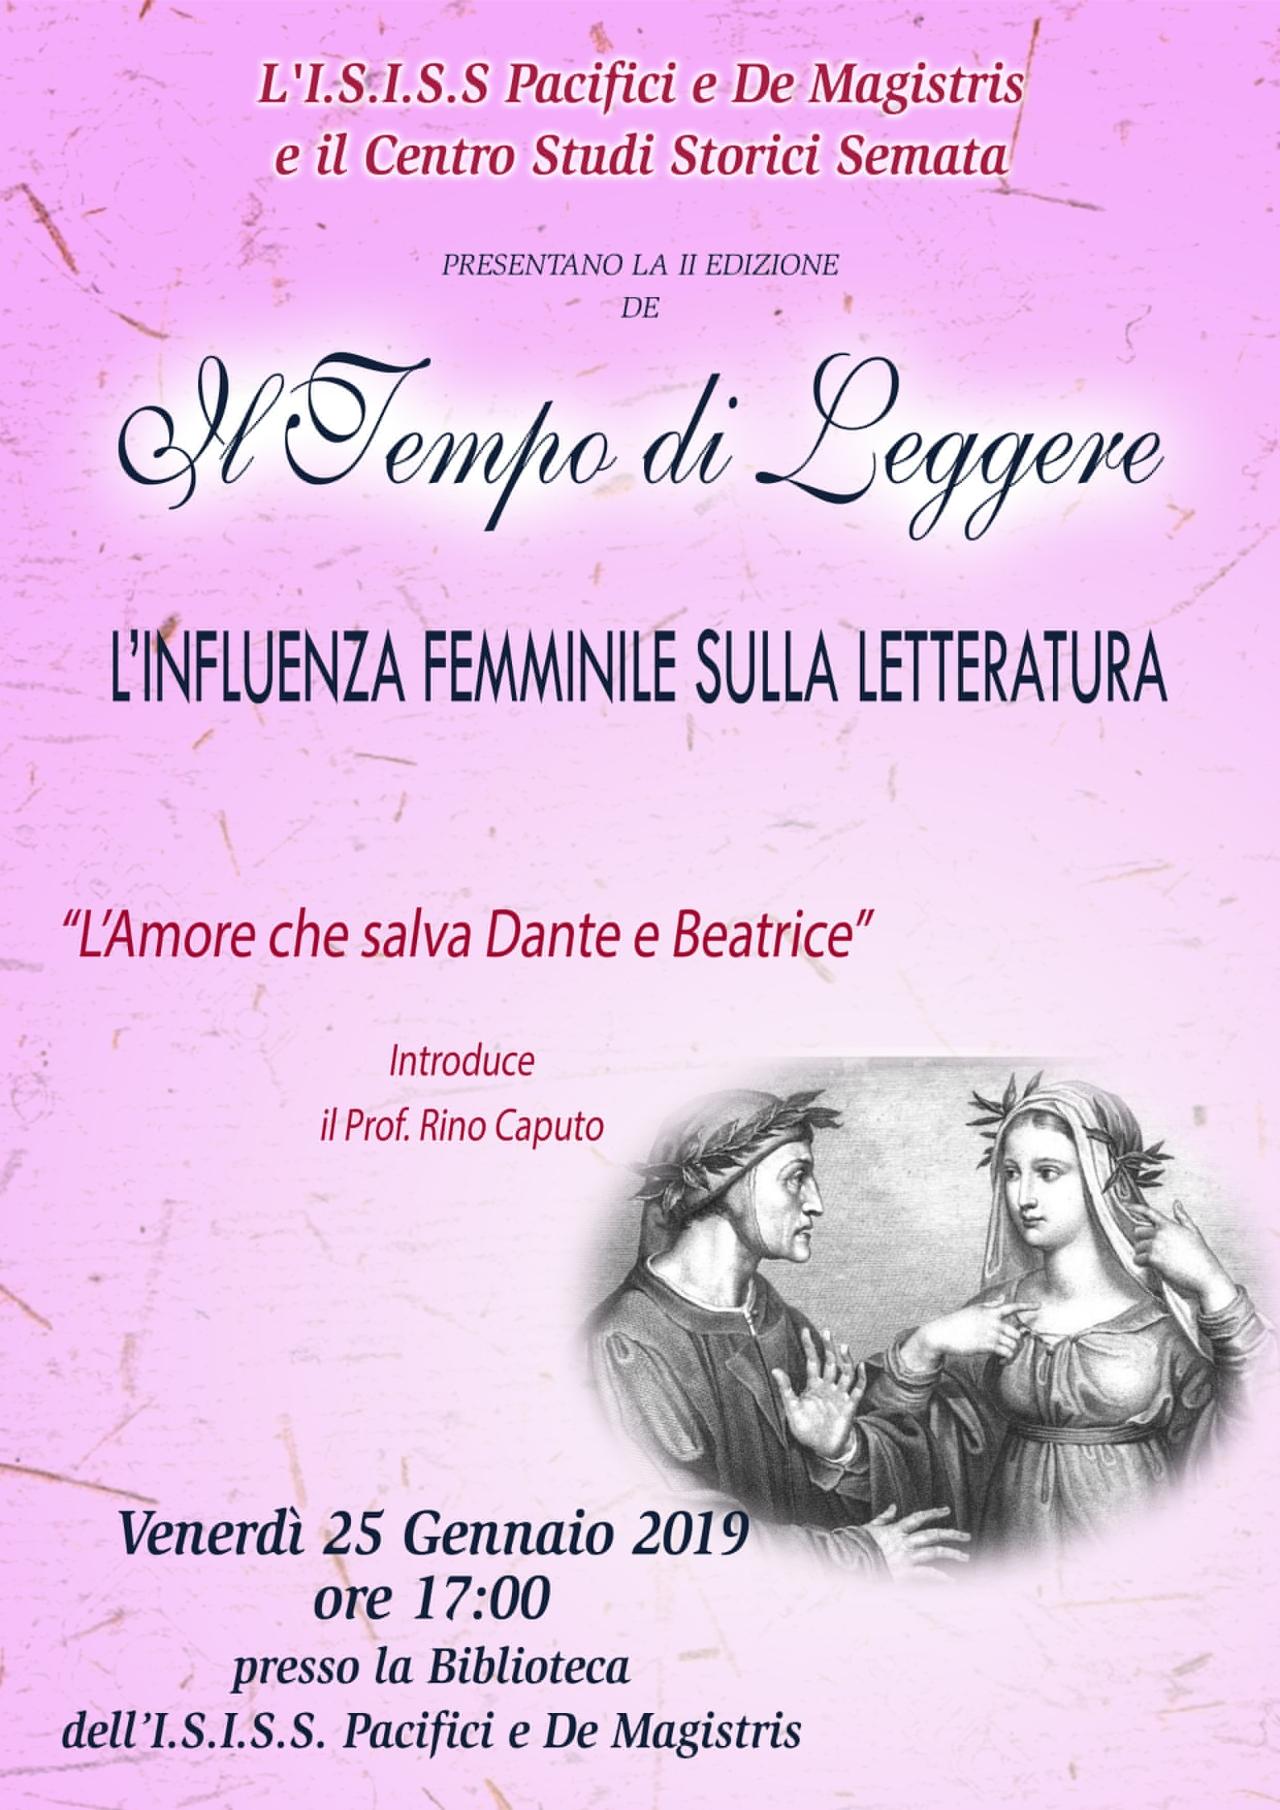 A SCUOLA DI POESIA: IL PROF. RINO CAPUTO PARLA AGLI STUDENTI DELL'INFLUENZA FEMMINILE SULLALETTERATURA